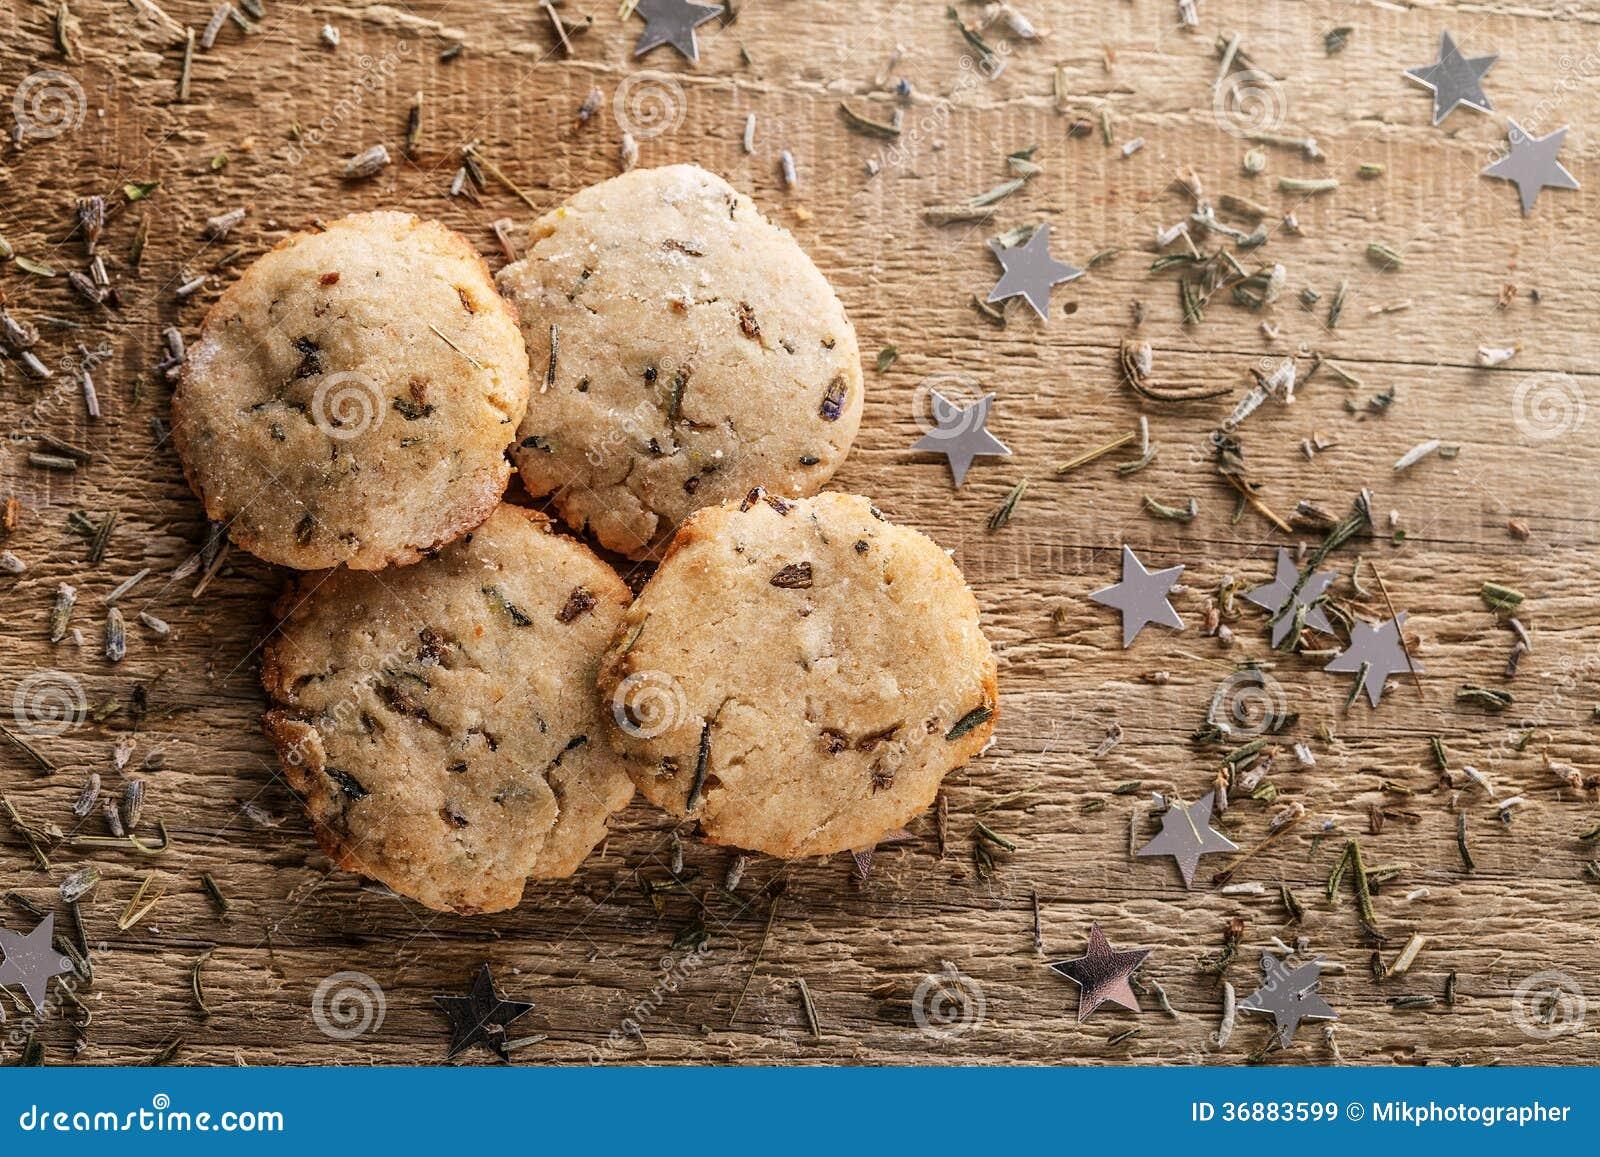 Download Biscotti di Natale immagine stock. Immagine di confezione - 36883599